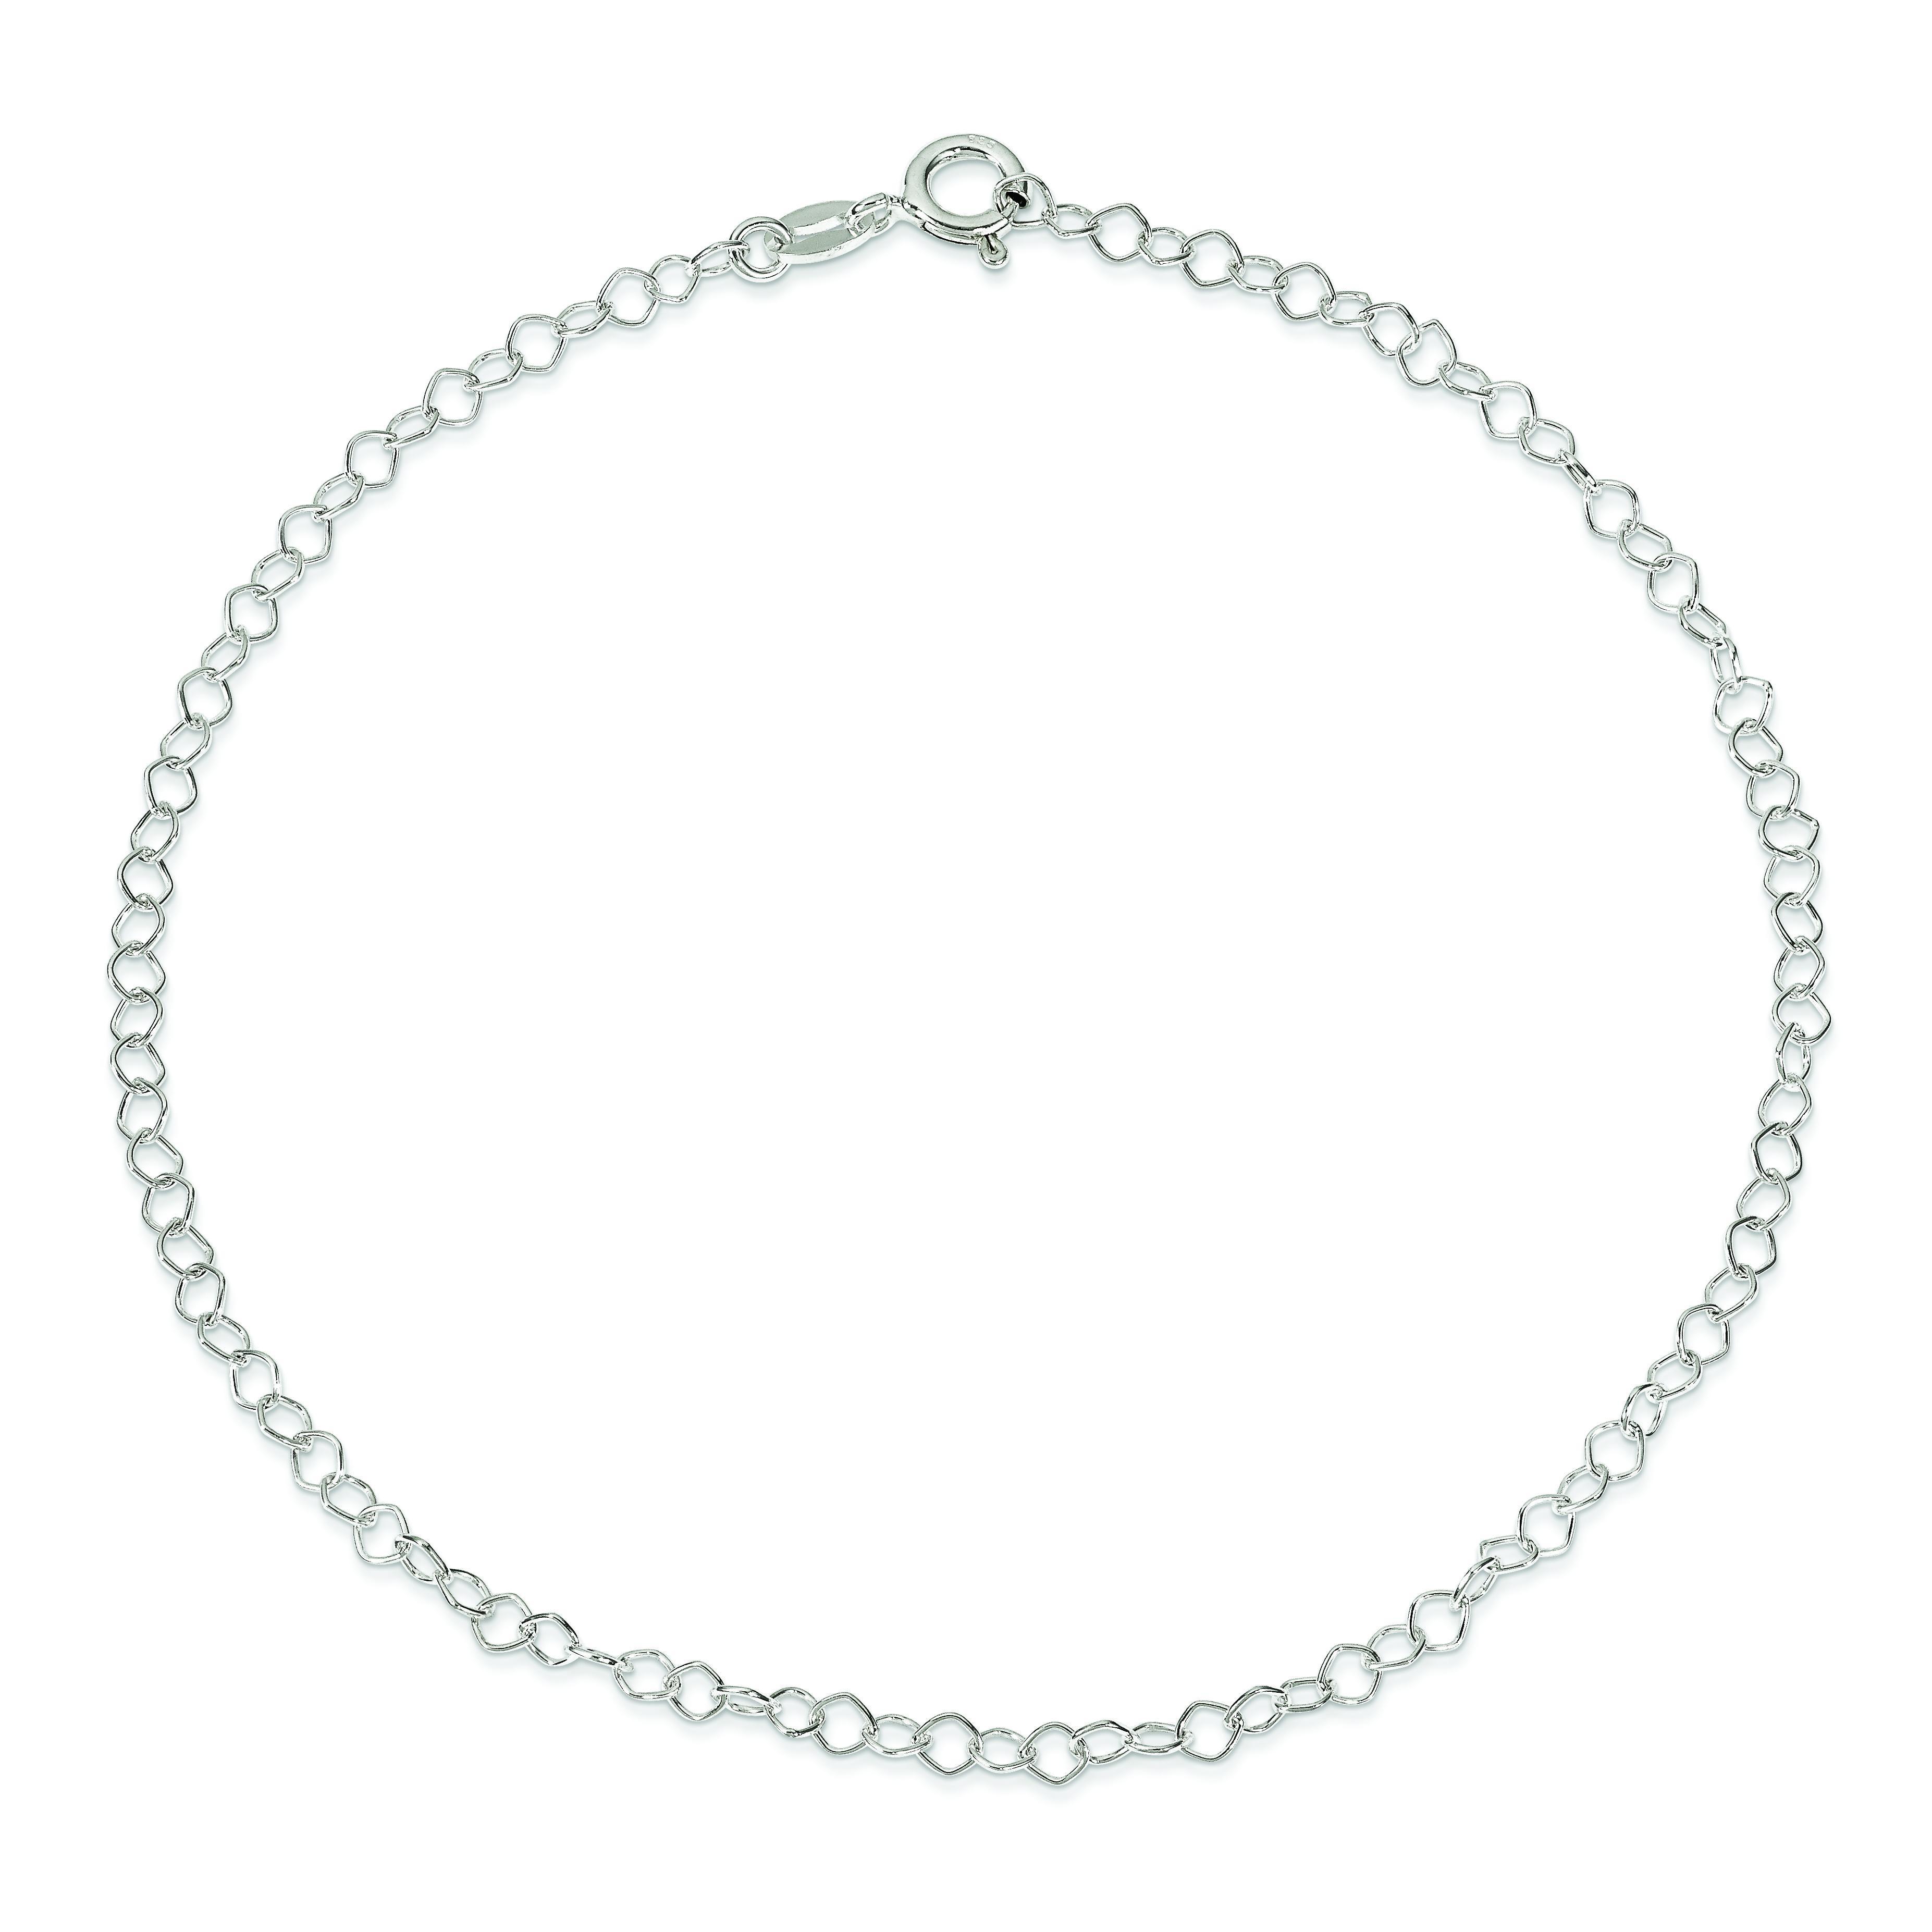 Fancy Anklet in Sterling Silver